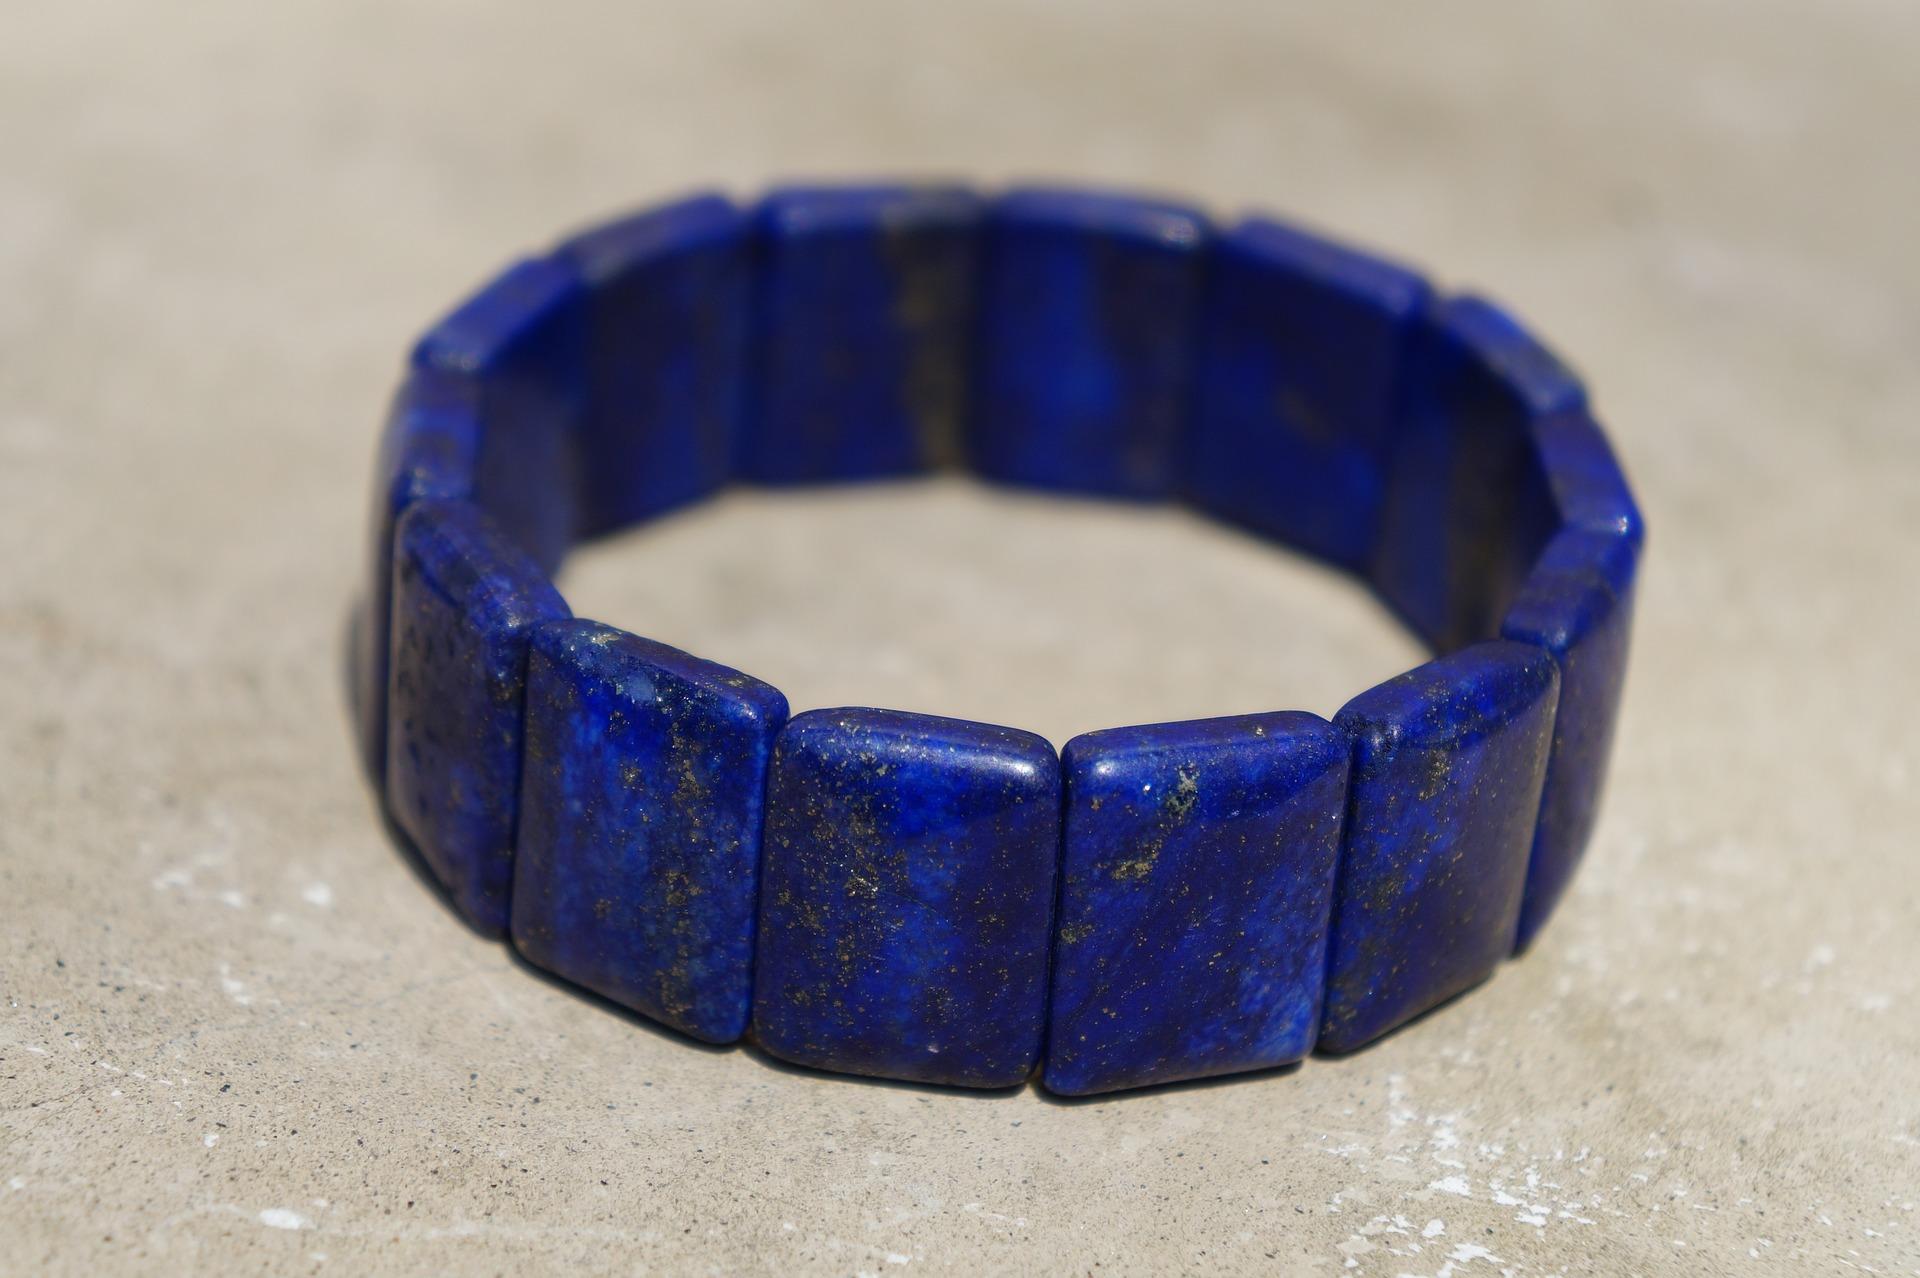 كيفية التعرف على مجوهرات حجر اللازورد الطبيعية